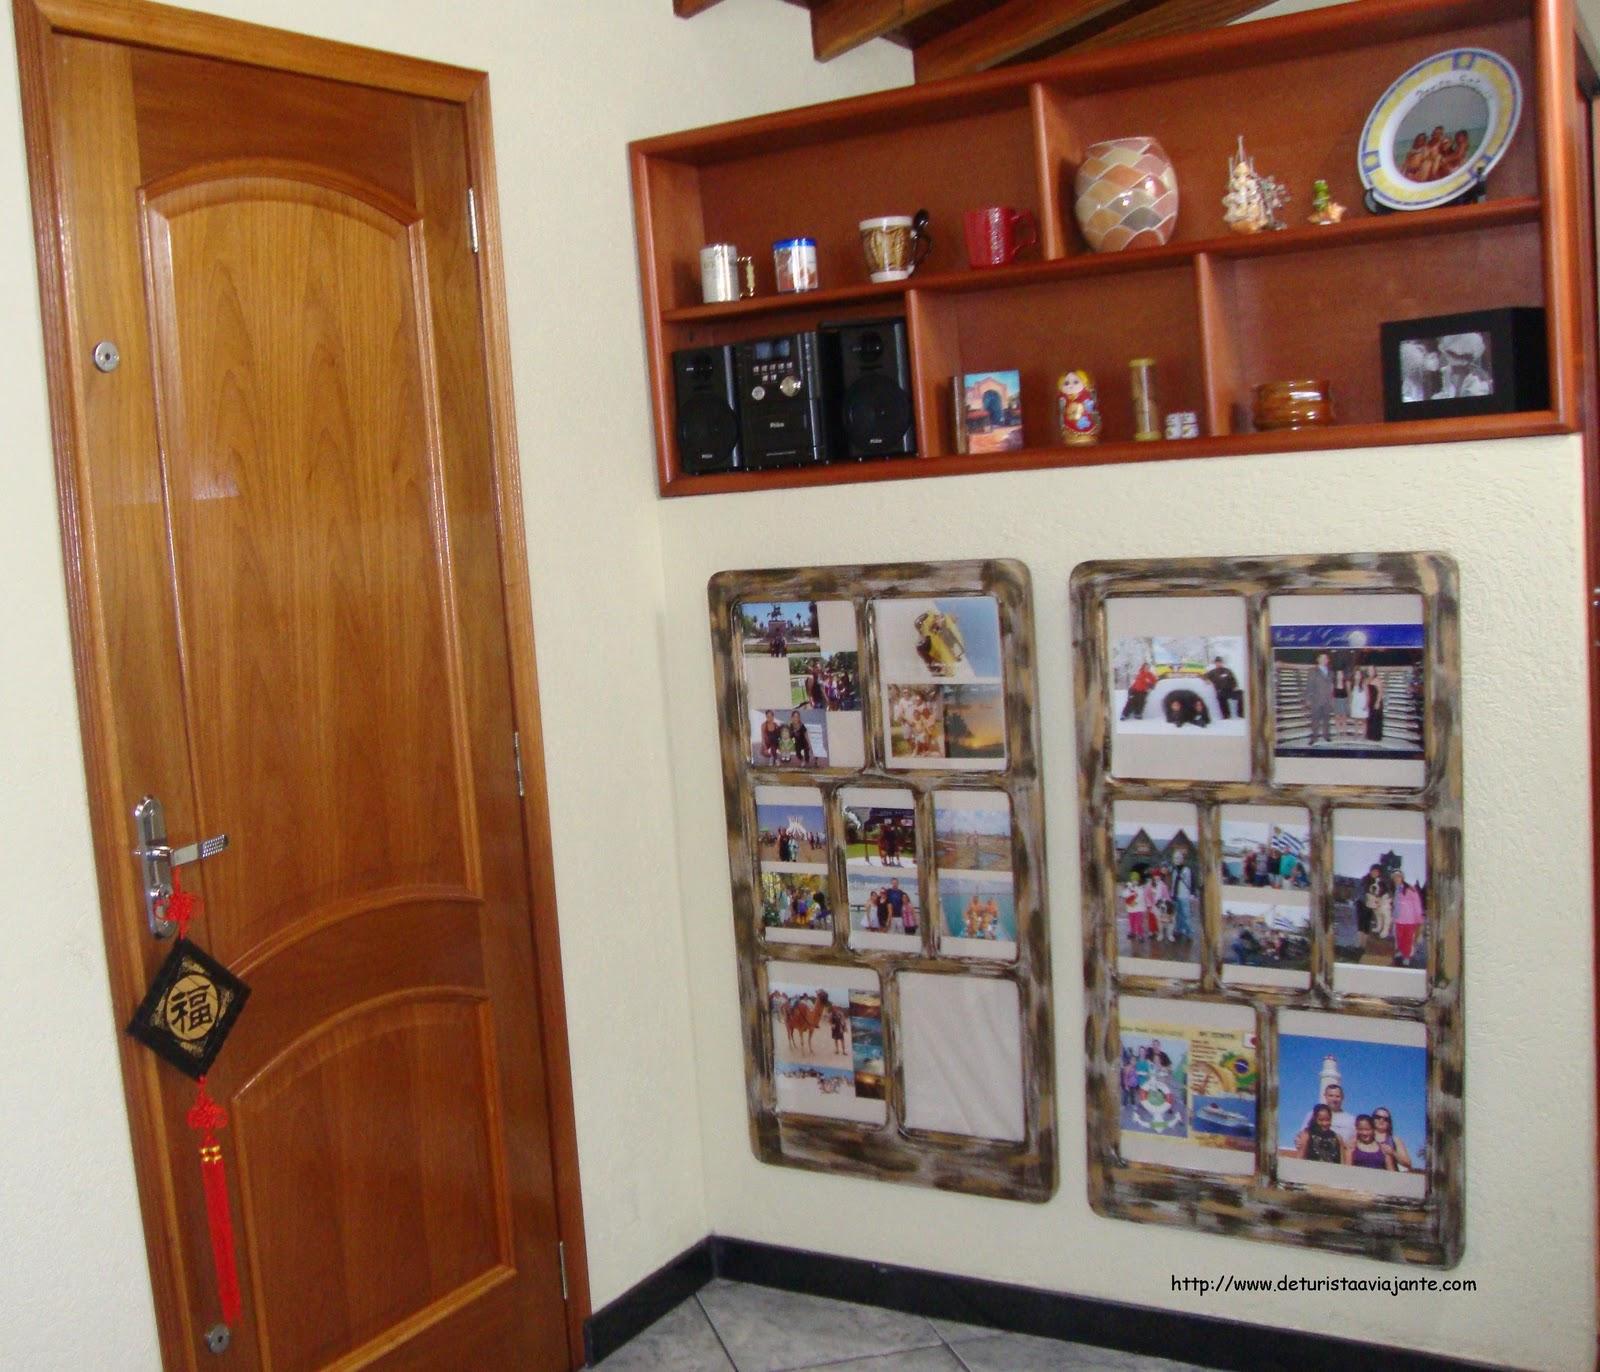 #75371B  : Fotos de viagem em janela de demoliçãoturista viajante dicas 682 Janelas Pvc Ribeirao Preto